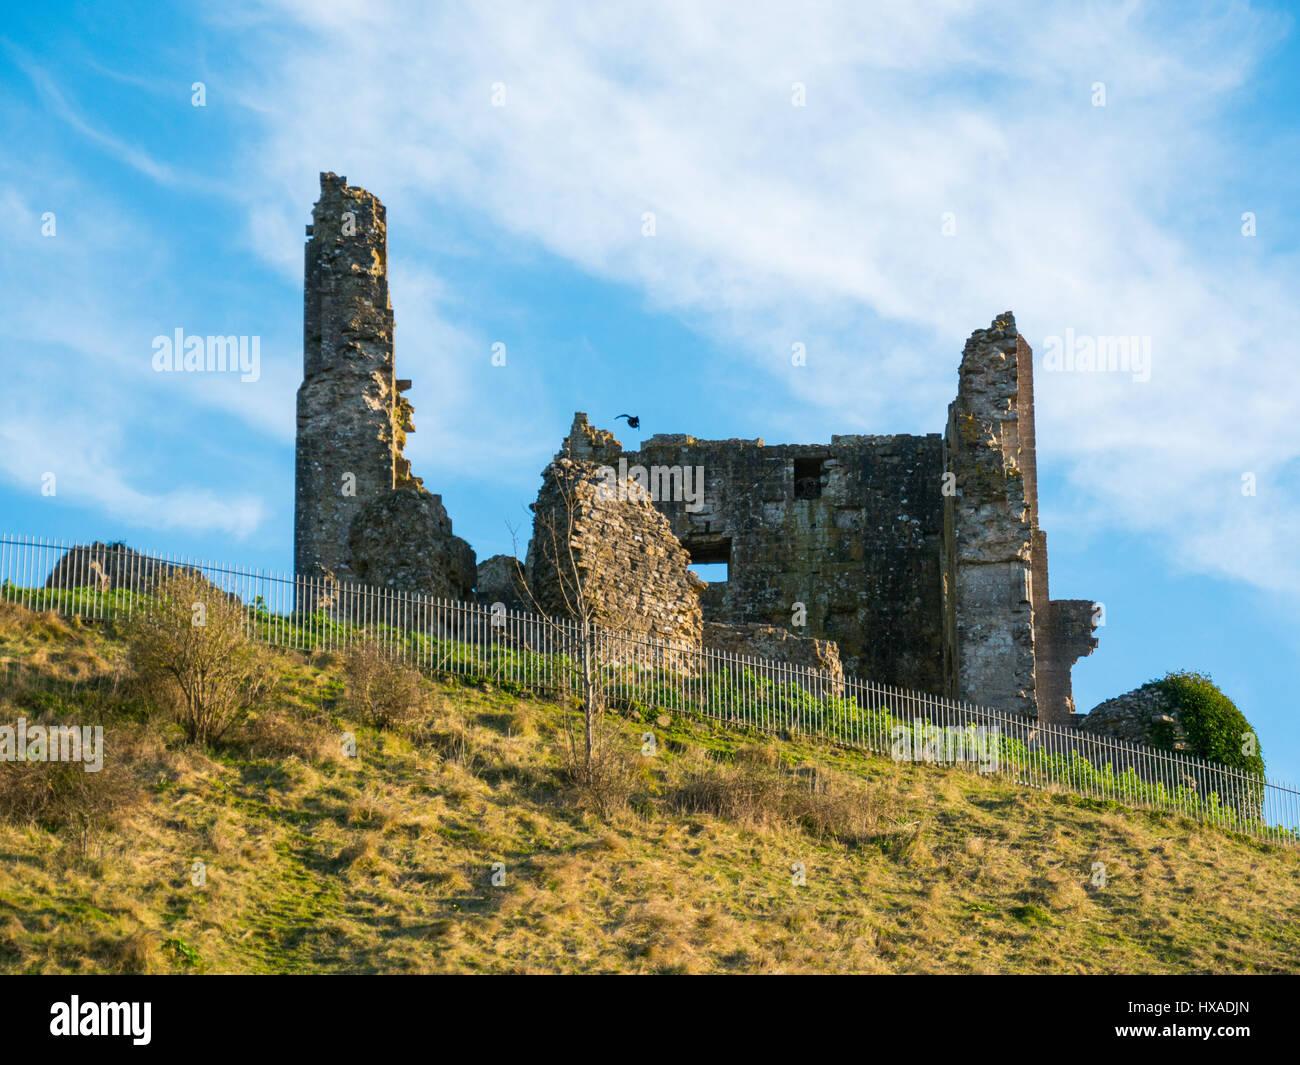 Tenues nubes y el cielo azul por encima de la histórica remainds de Corfe Castle, el castillo Corfe, en Dorset, Imagen De Stock